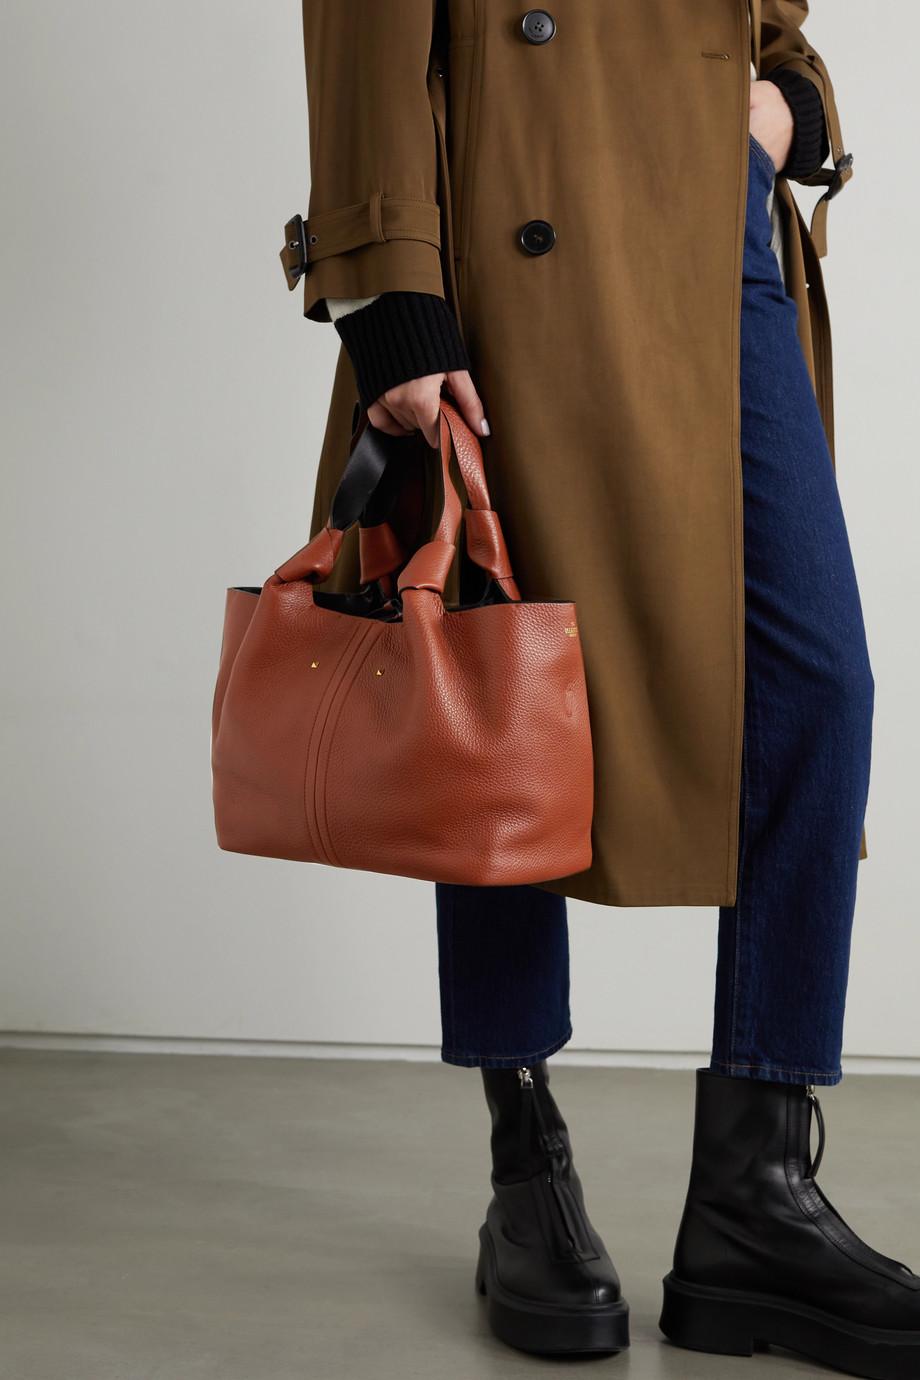 Valentino Valentino Garavani 02 Bow Edition Atelier small textured-leather tote